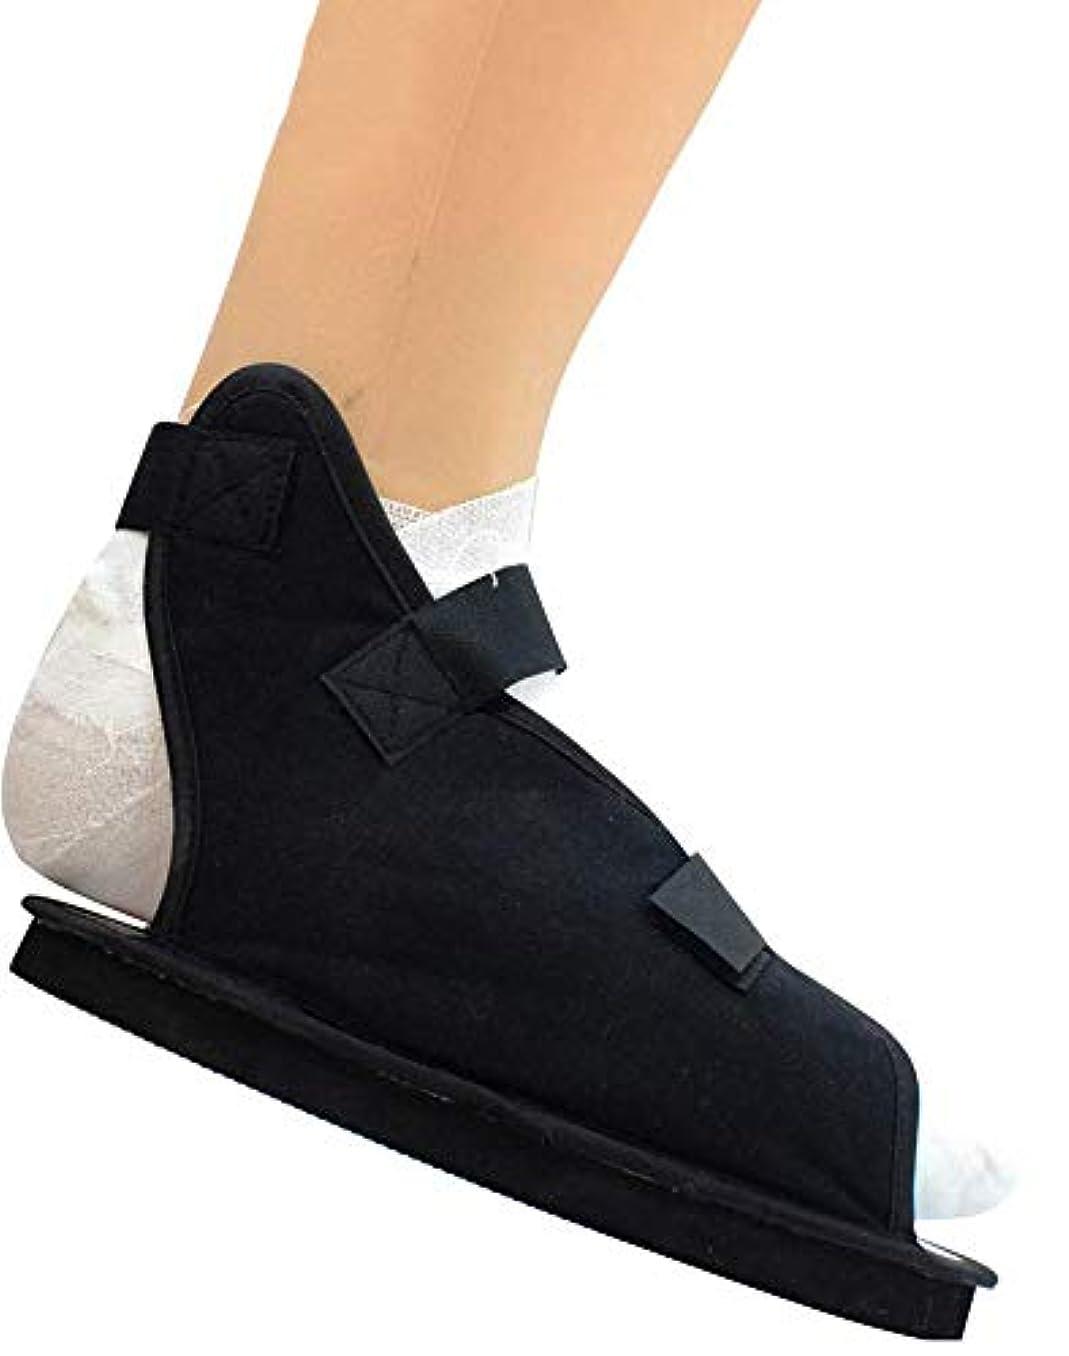 合金印象的な技術的な骨折したつま先/足の骨折のための術後靴 - 男性と女性のための医療/外科用ウォーキングシューズキャストブーツ - /調整可能ストラップ付き整形外科サンダル,XL